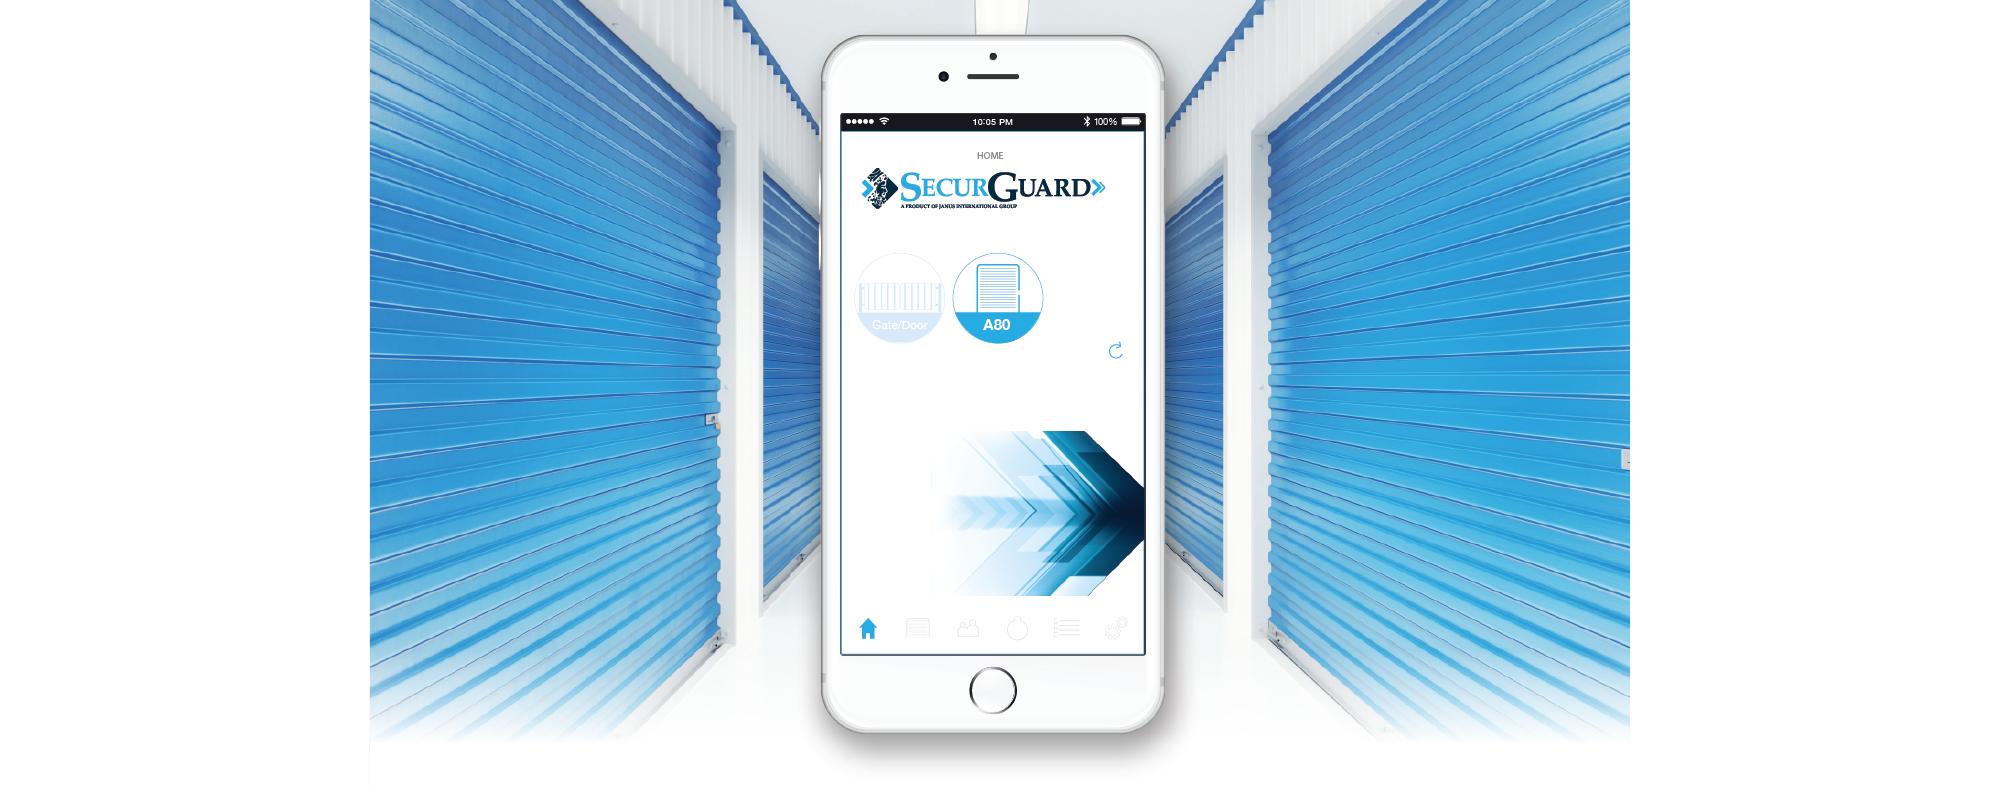 SecurGuard mobile access control app